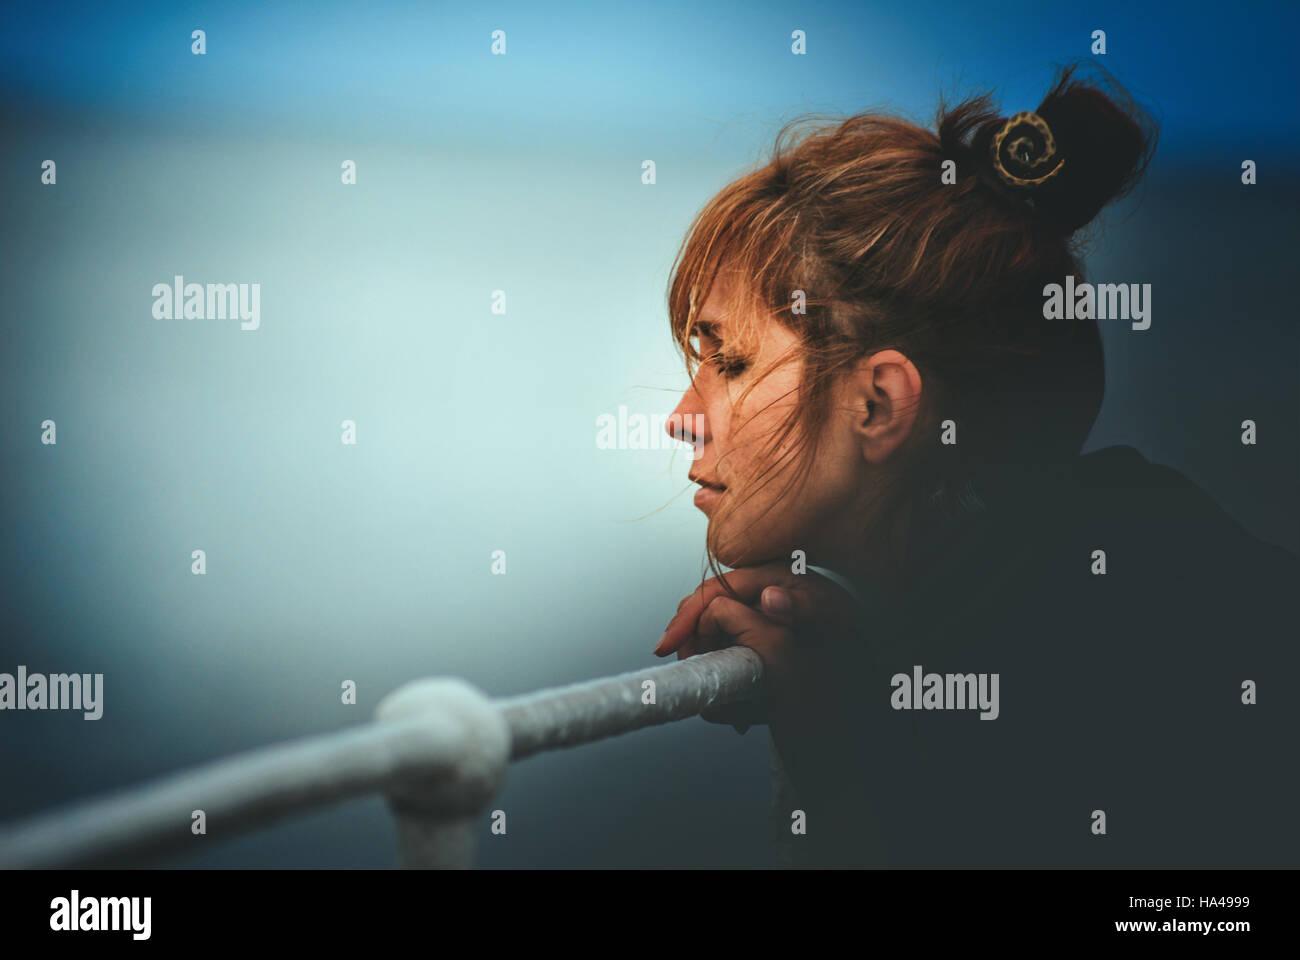 junge Frau ruht ihr Kopf auf einem Mast mit Blick auf das Meer Stockfoto